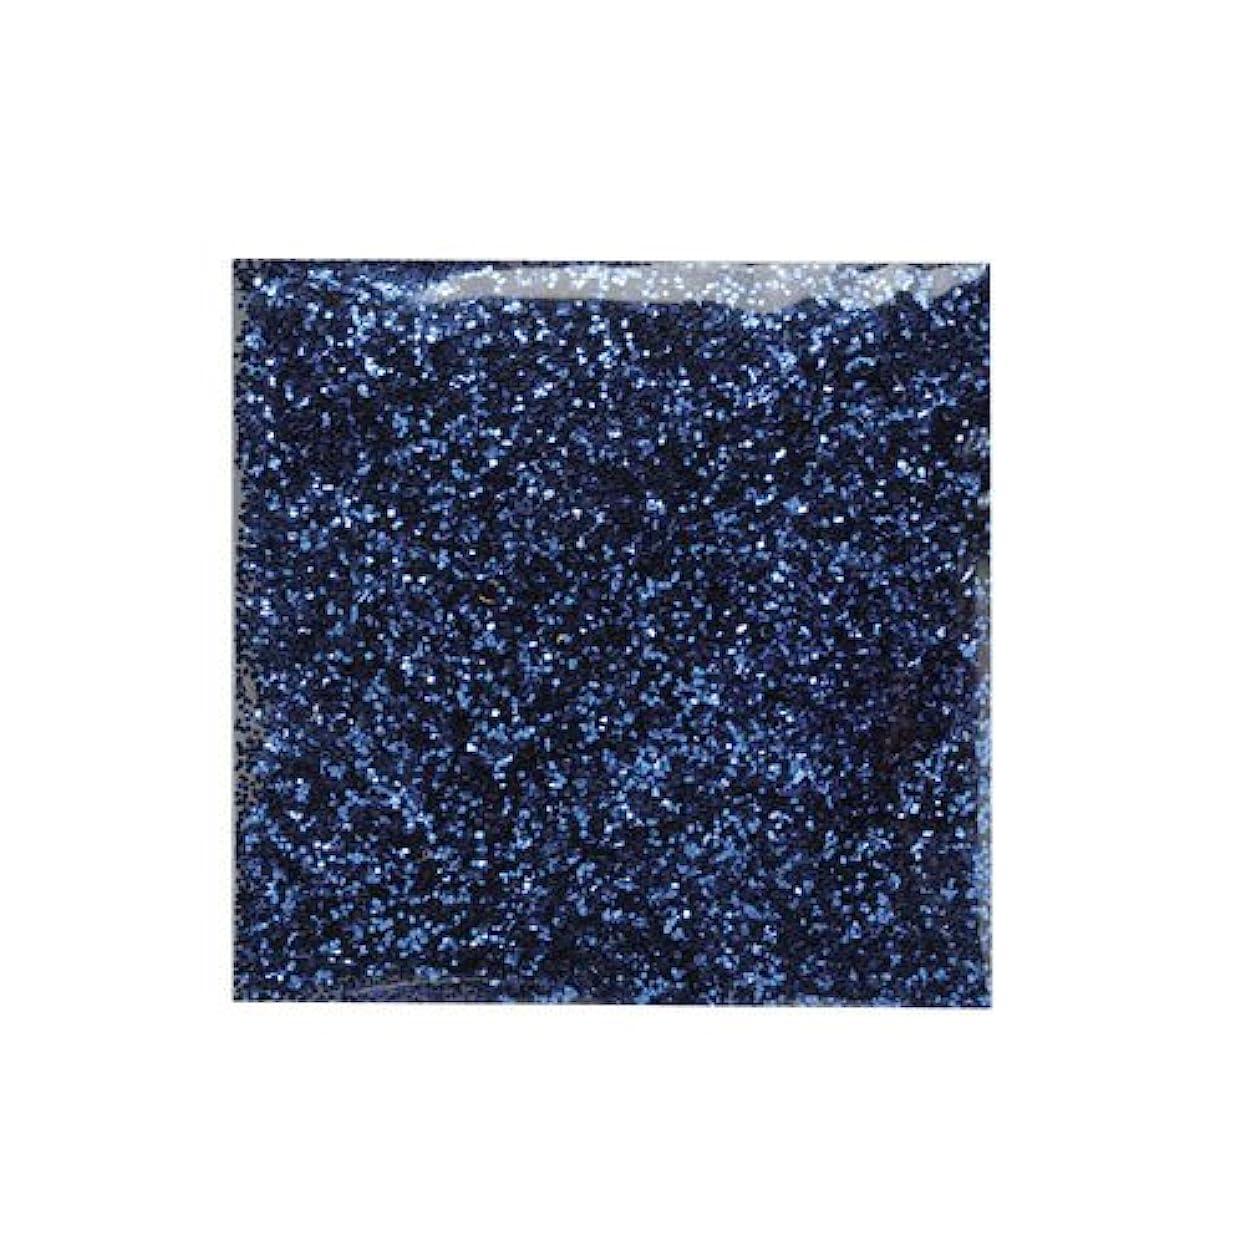 スカート衝動鉄道ピカエース ネイル用パウダー ピカエース ラメメタリック M #536 ブルー 2g アート材